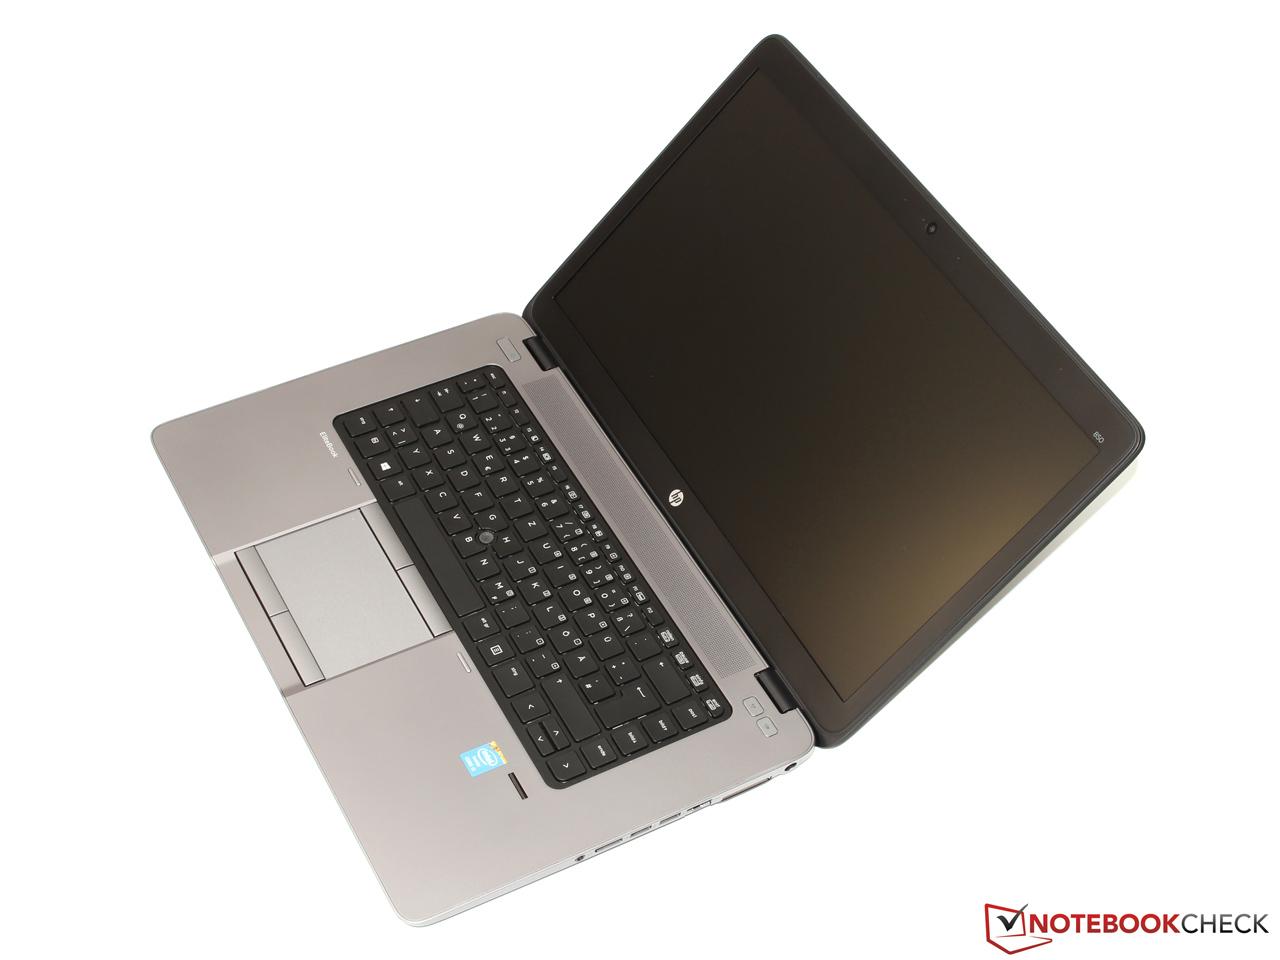 Hp Elitebook 850 G2 Notebook Review Notebookcheck Net